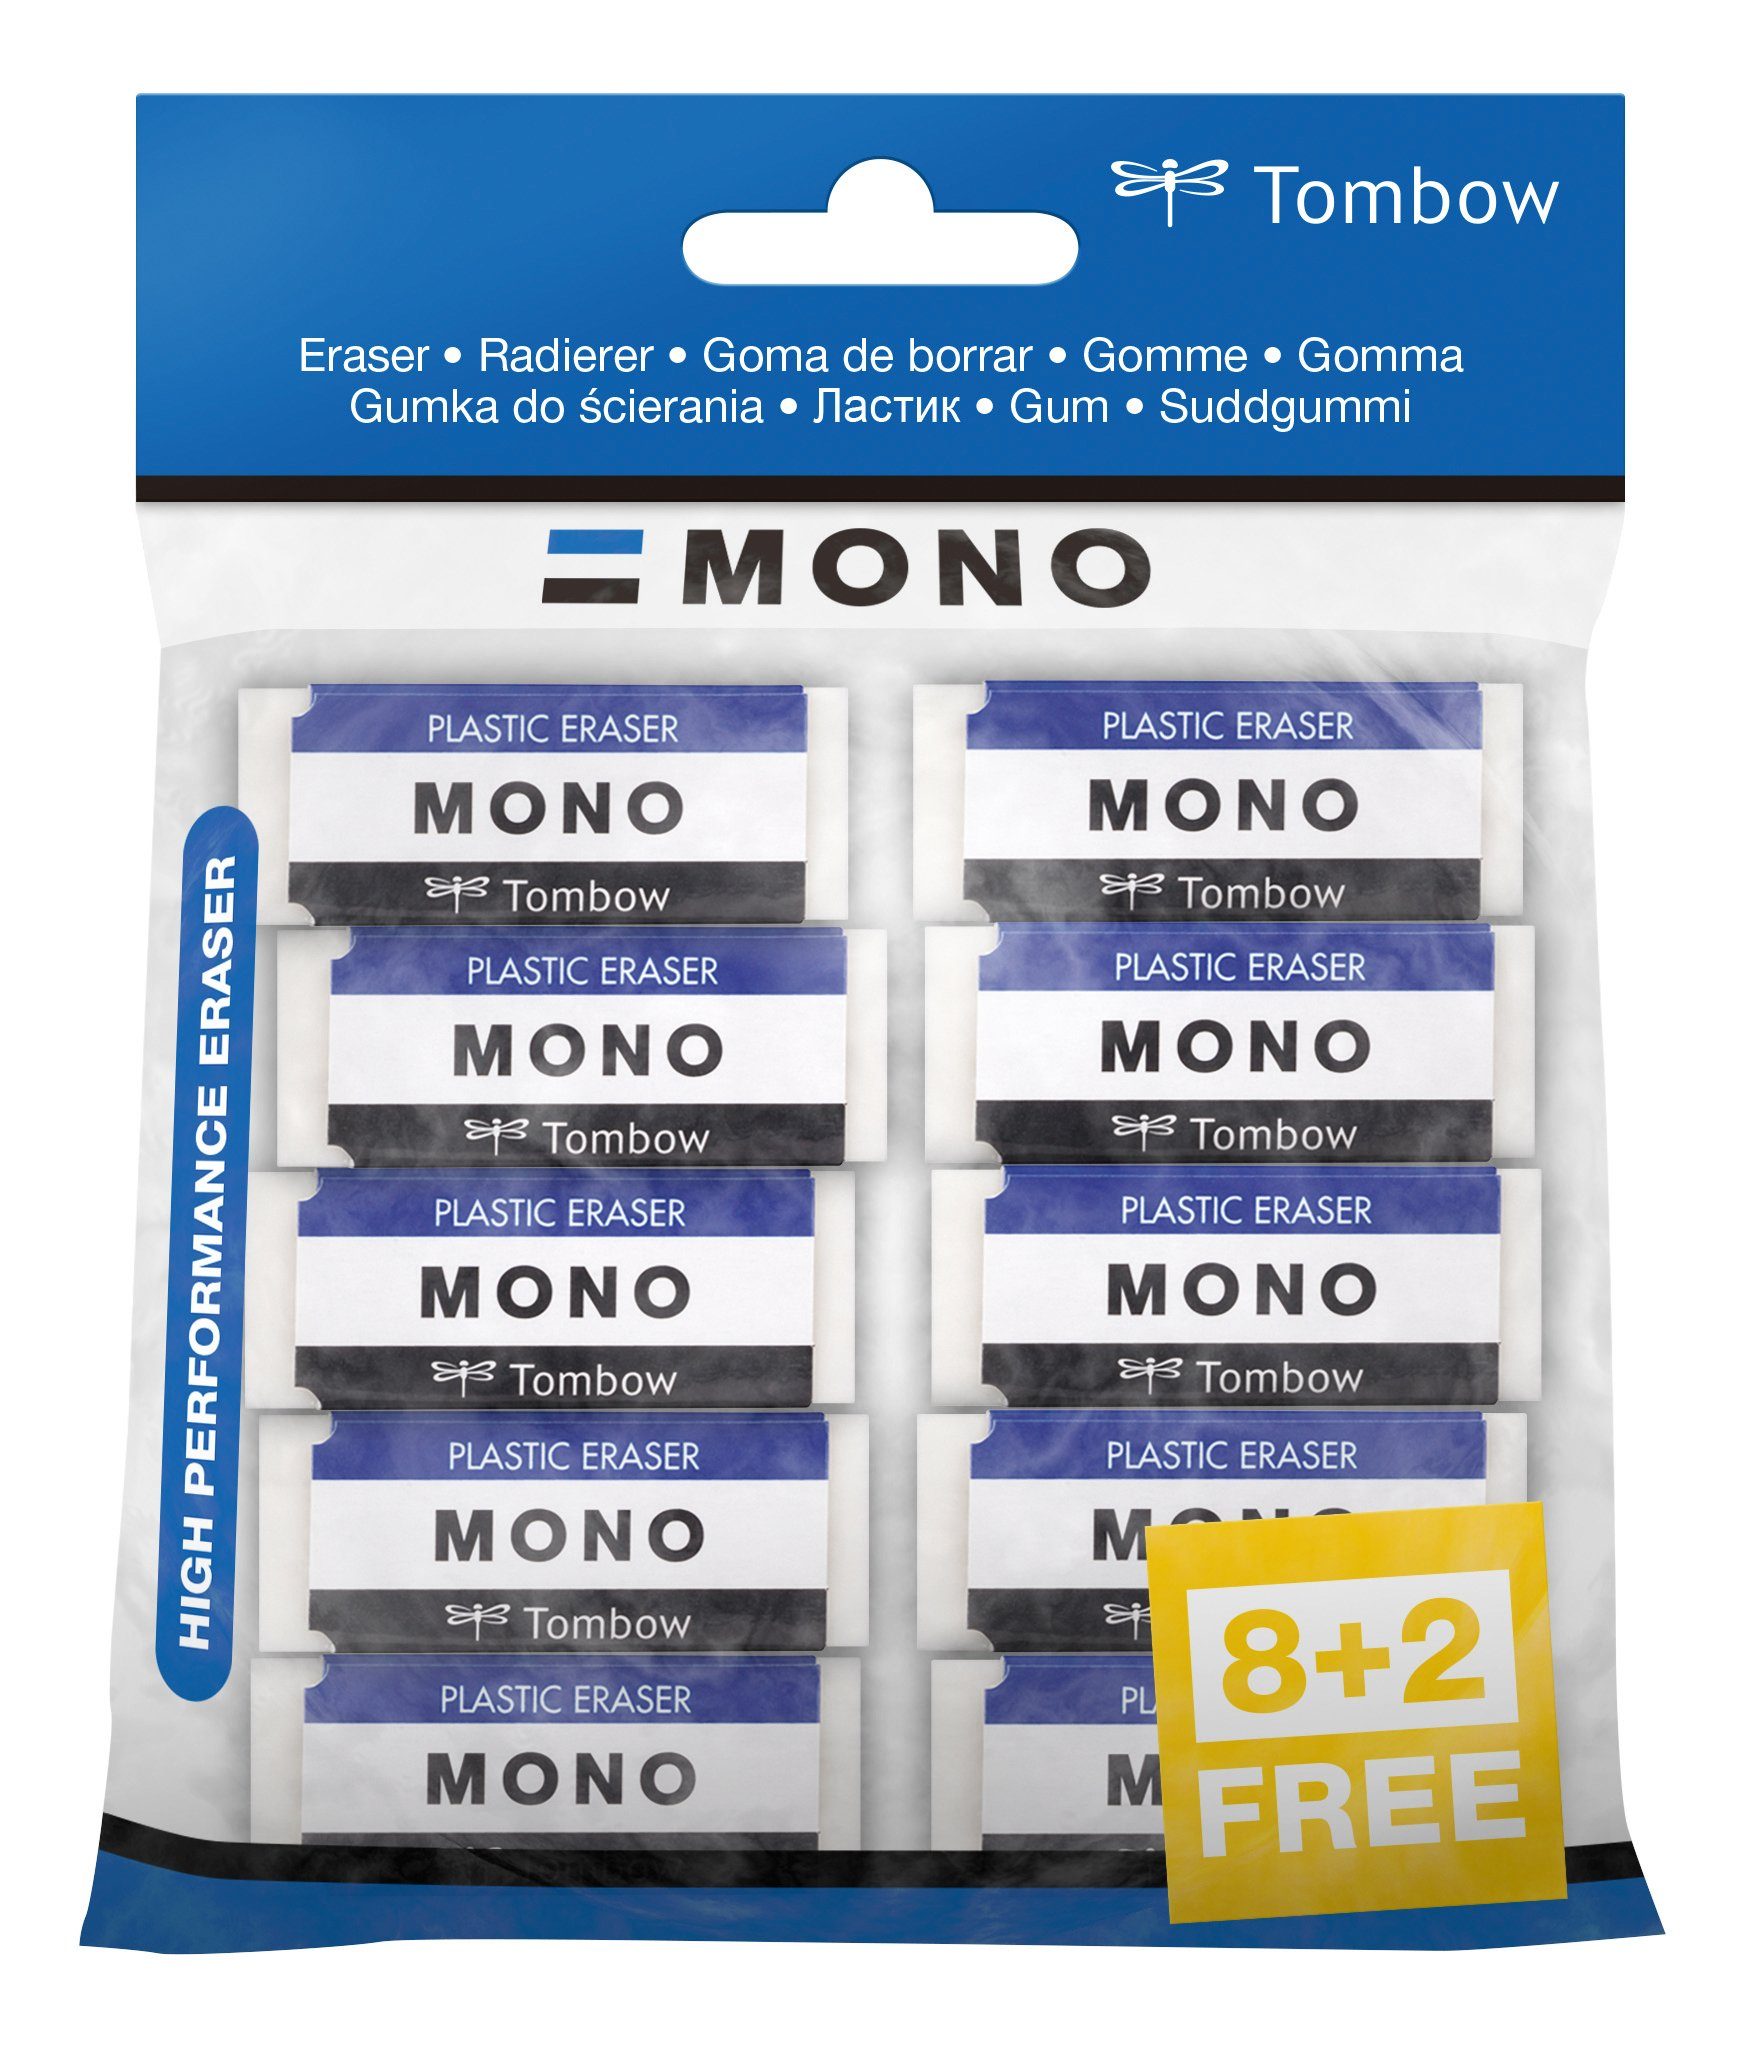 Tombow PE 01A 10P Eraser Mono XS, PVC, Phthalate & Latex Free-11g